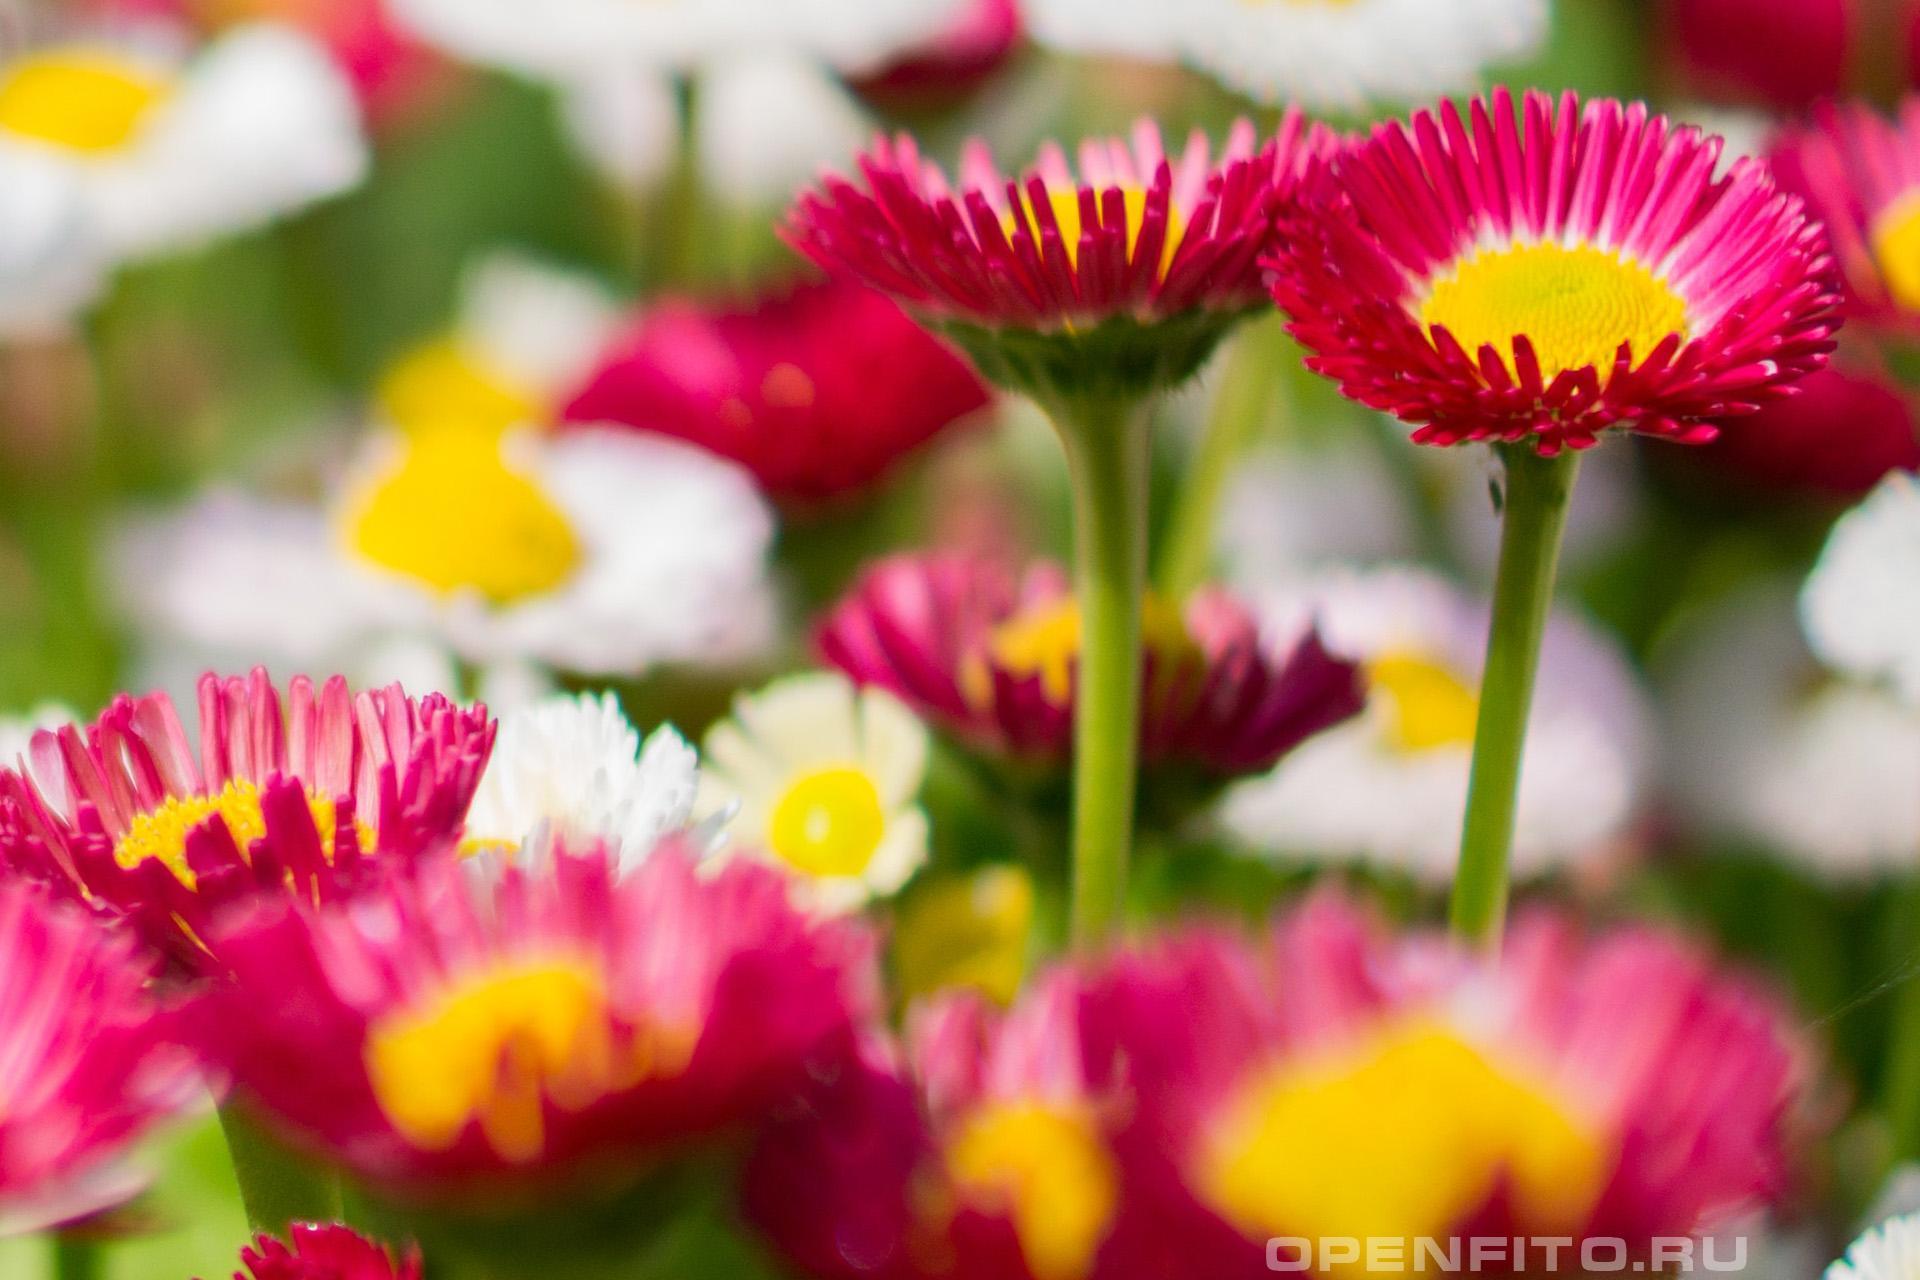 Маргаритка обыкновенная маленькое, но красивое садовое растение